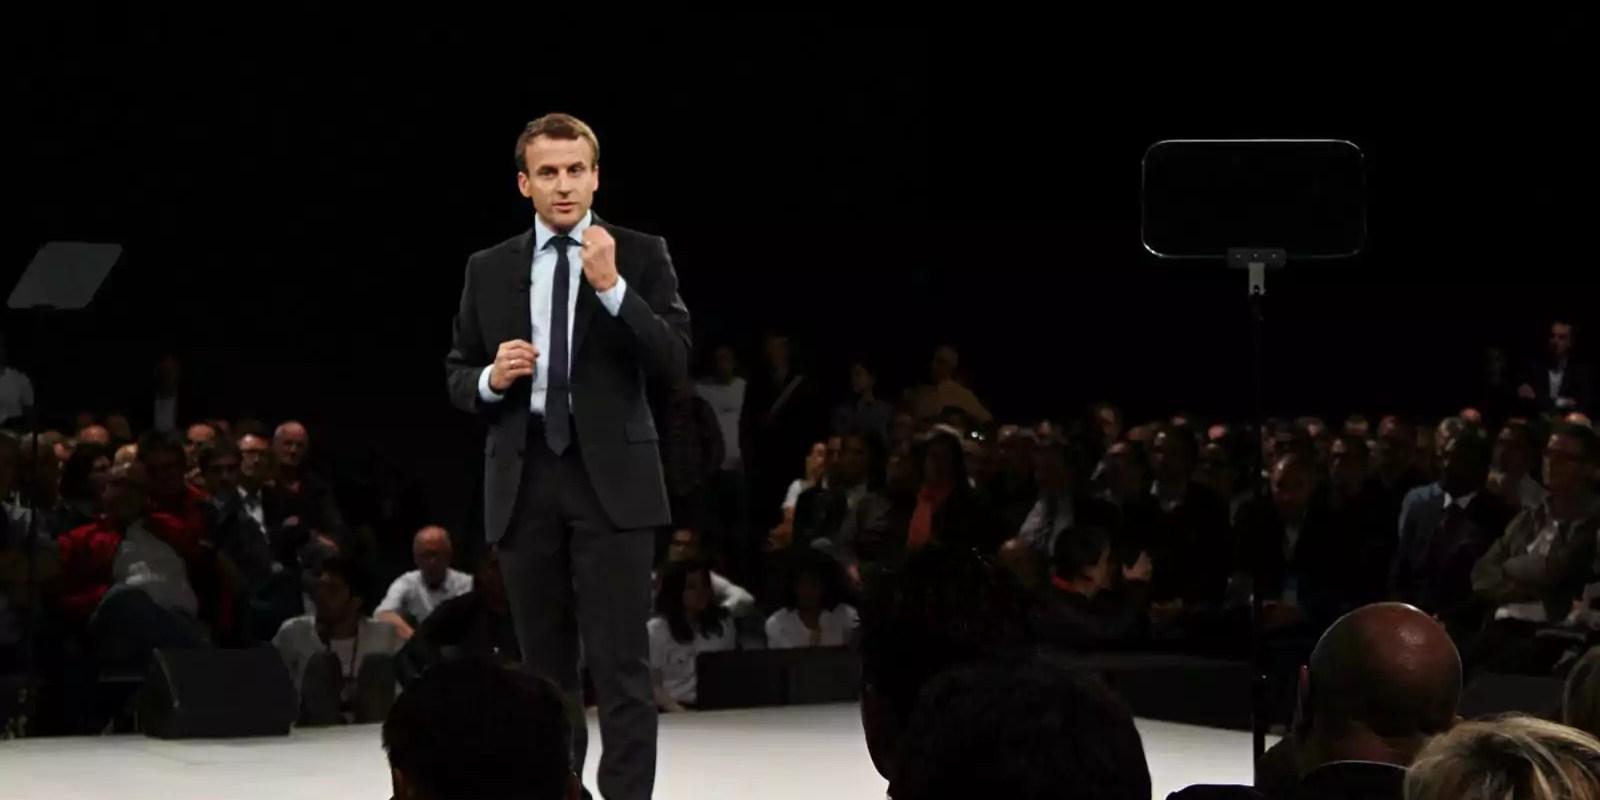 Présidentielle : Emmanuel Macron en tête avec 23,9% des suffrages exprimés, Marine Le Pen en tête en Alsace